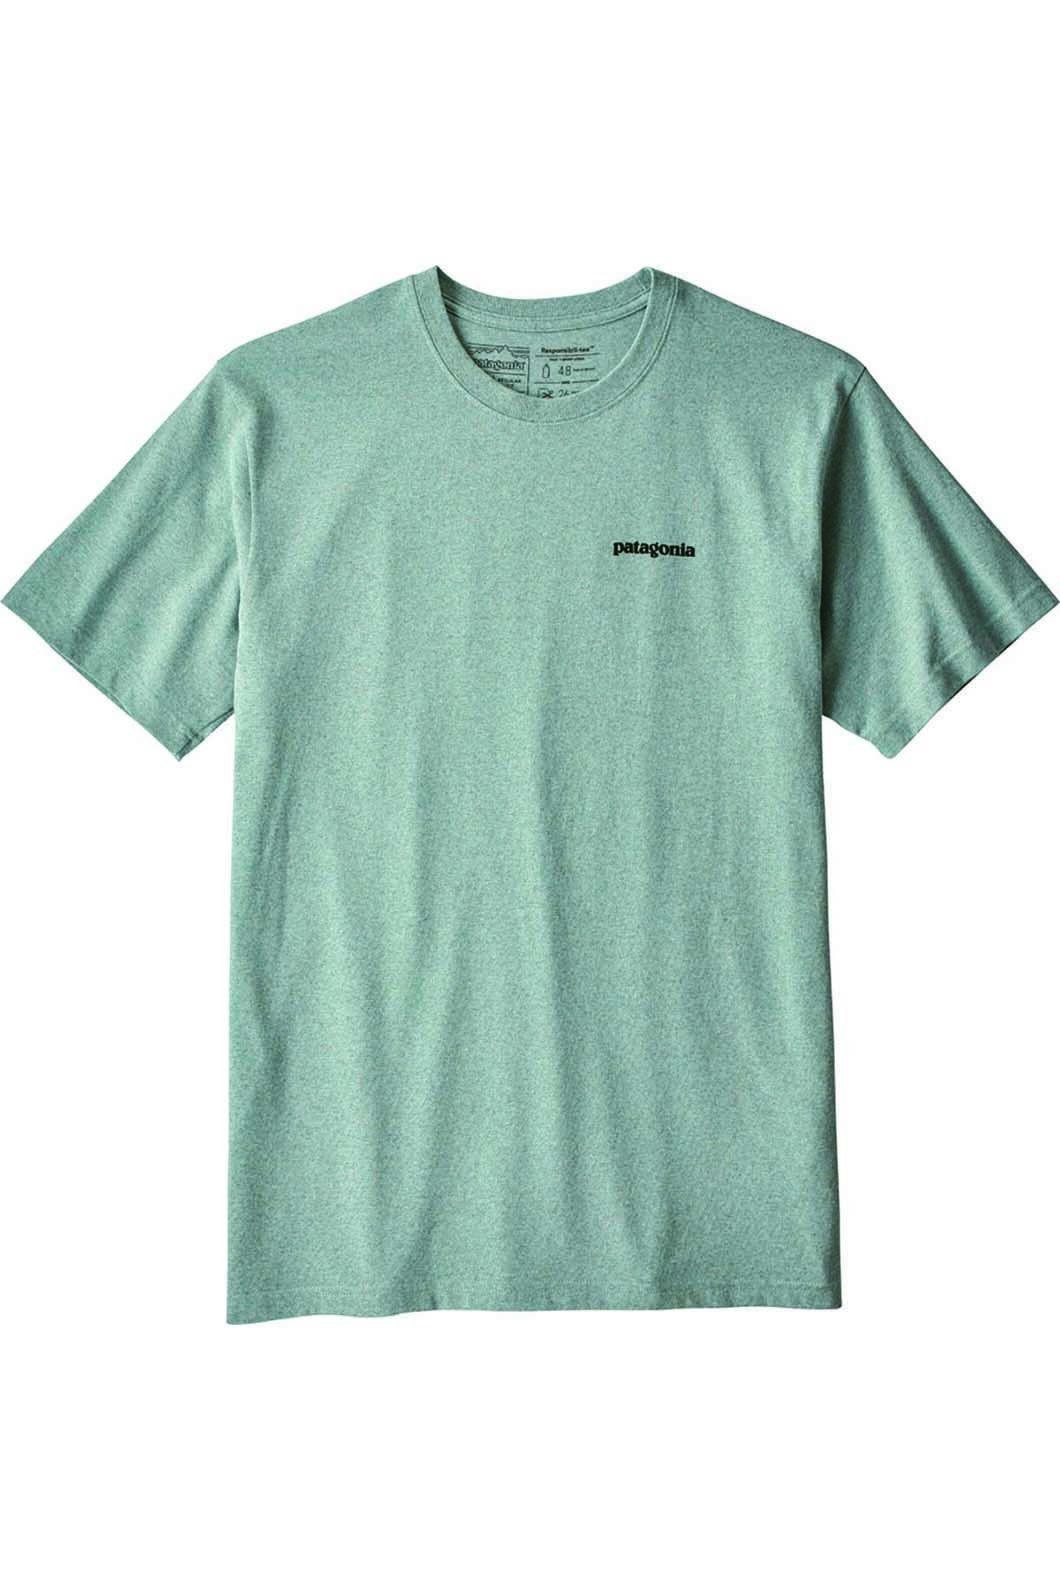 Patagonia Men's P6 Logo Responsibli Tee Cadet, CADET BLUE, hi-res